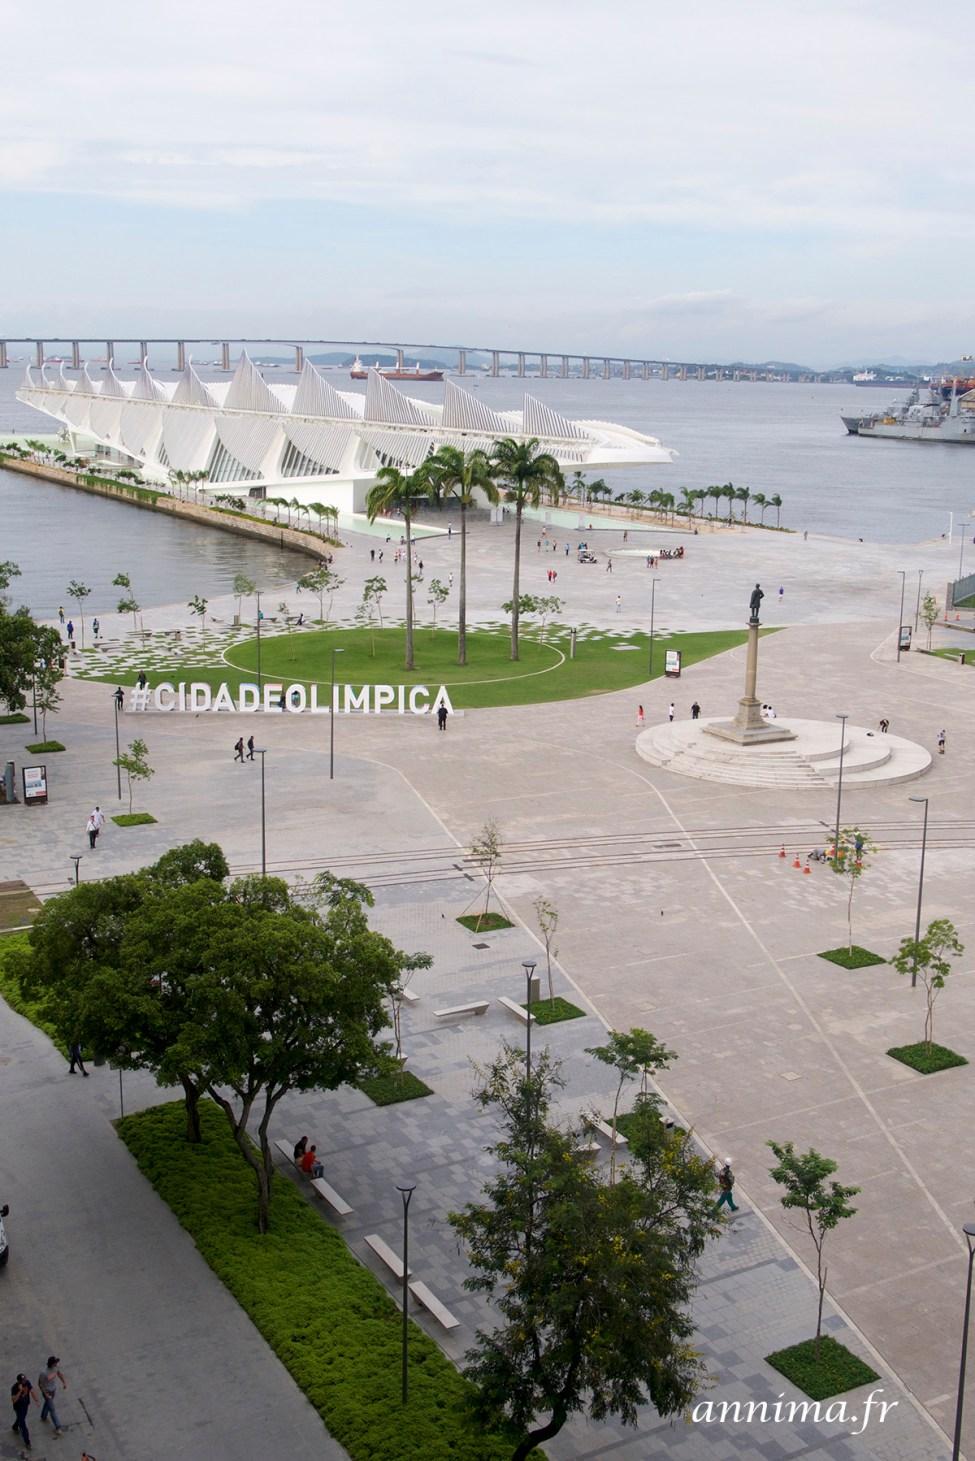 MAM MAR RIO21